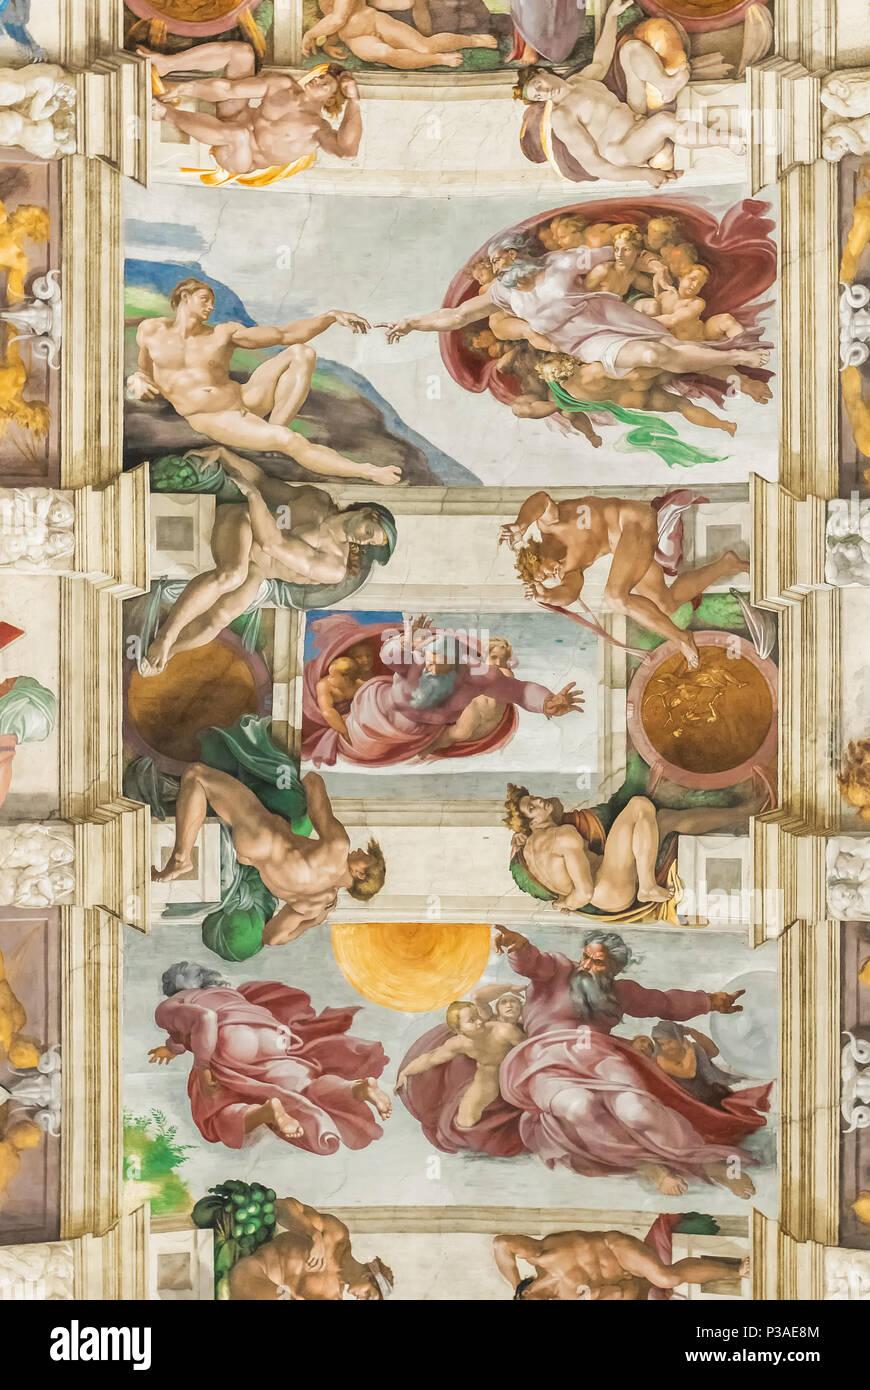 Rome Italie 29 Juin 2017 Plafond De La Chapelle Sixtine Scene